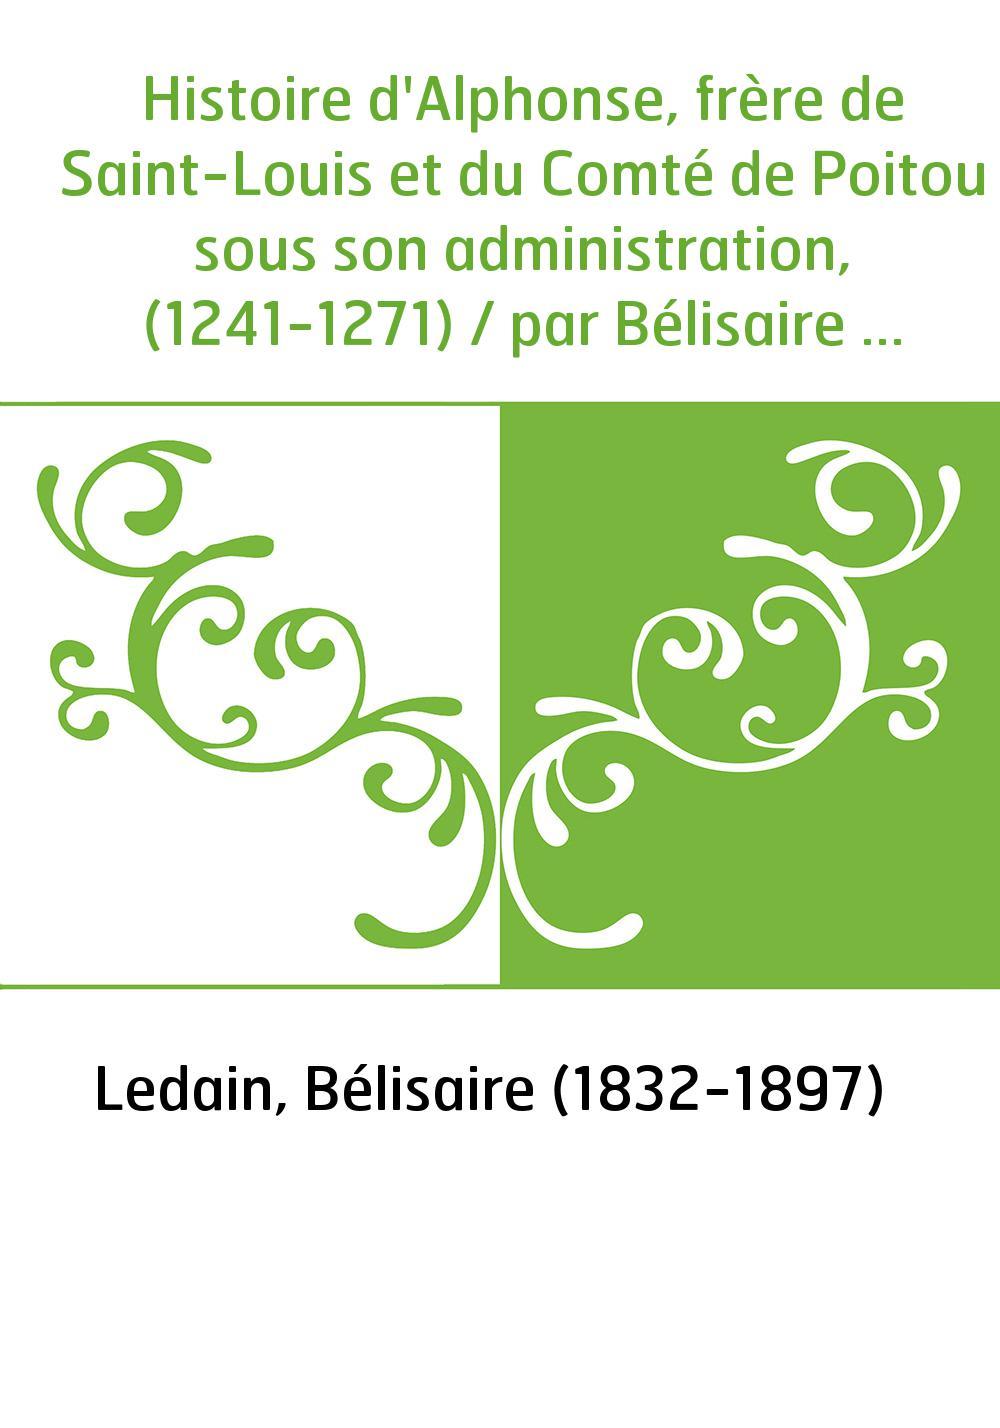 Histoire d'Alphonse, frère de Saint-Louis et du Comté de Poitou sous son administration, (1241-1271) / par Bélisaire Ledain,...